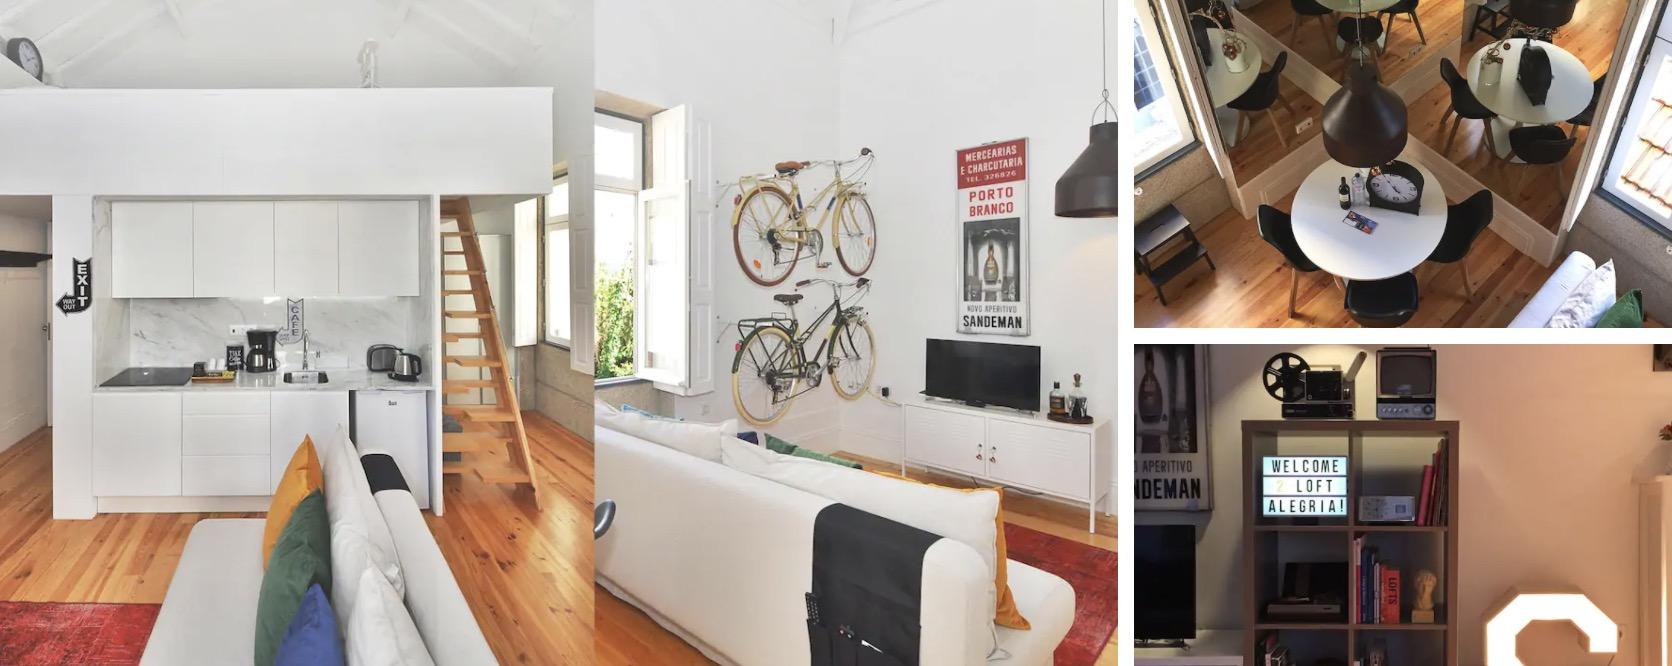 Logement Airbnb situé à Bolhão